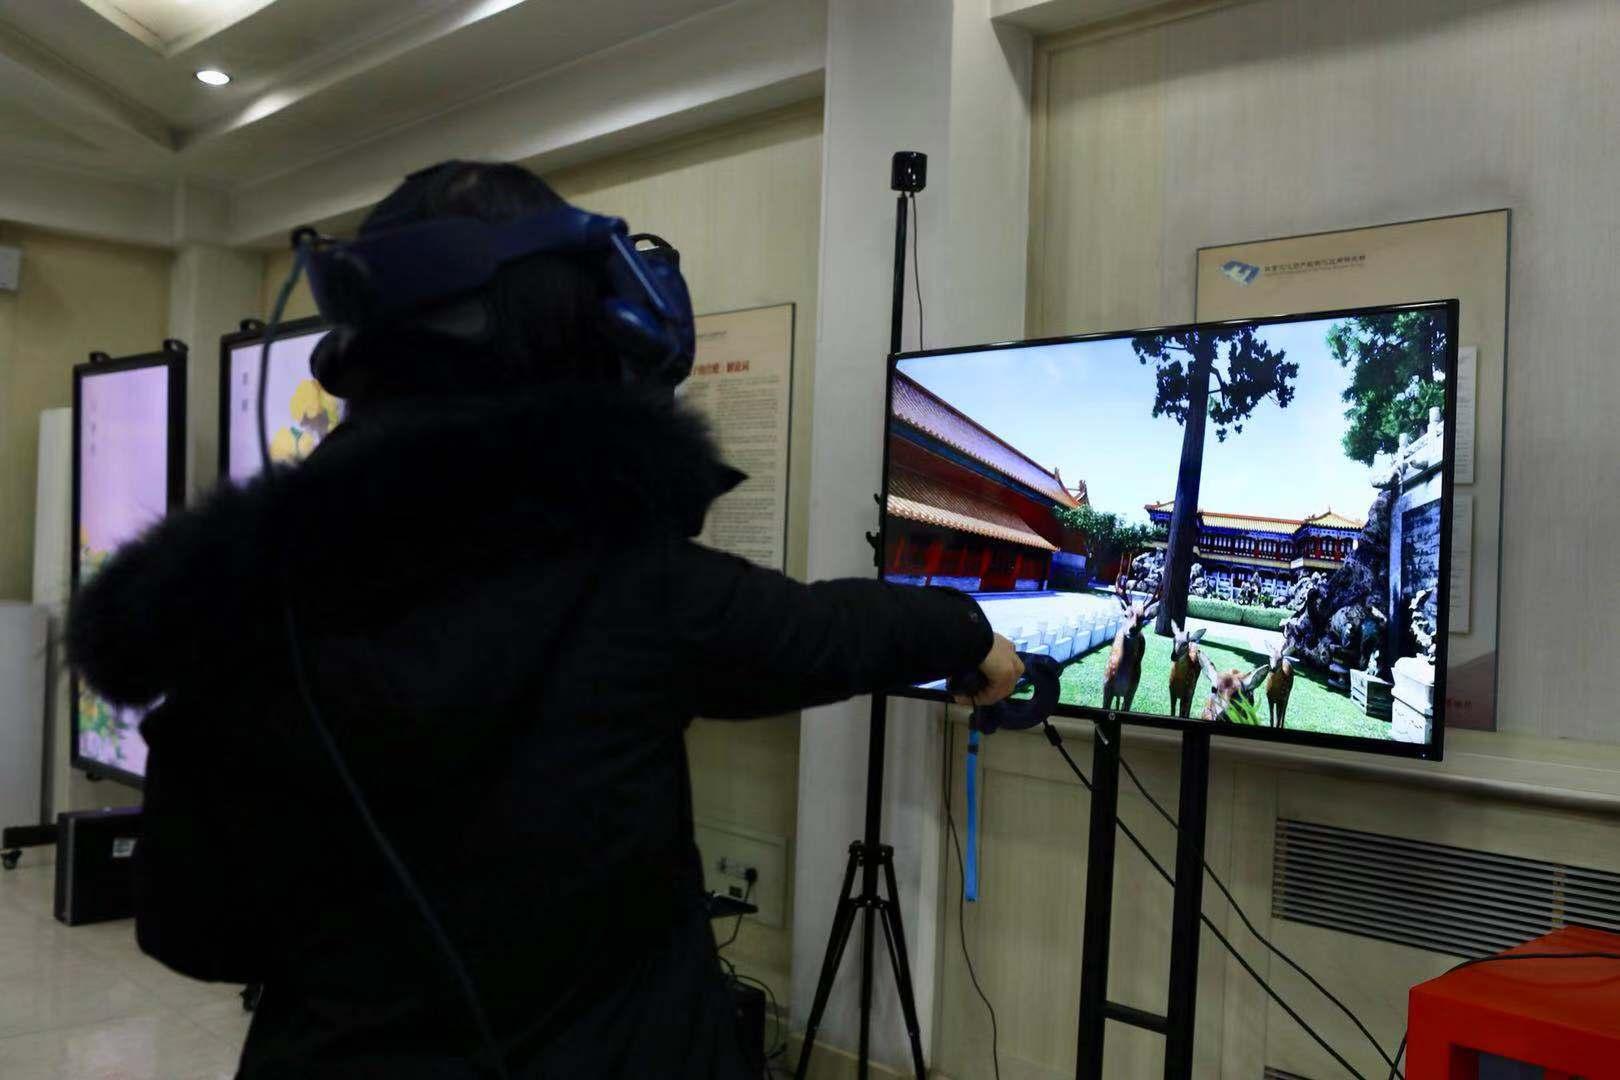 小燕子玩过的御花园长啥样? 故宫发布VR《御花园》